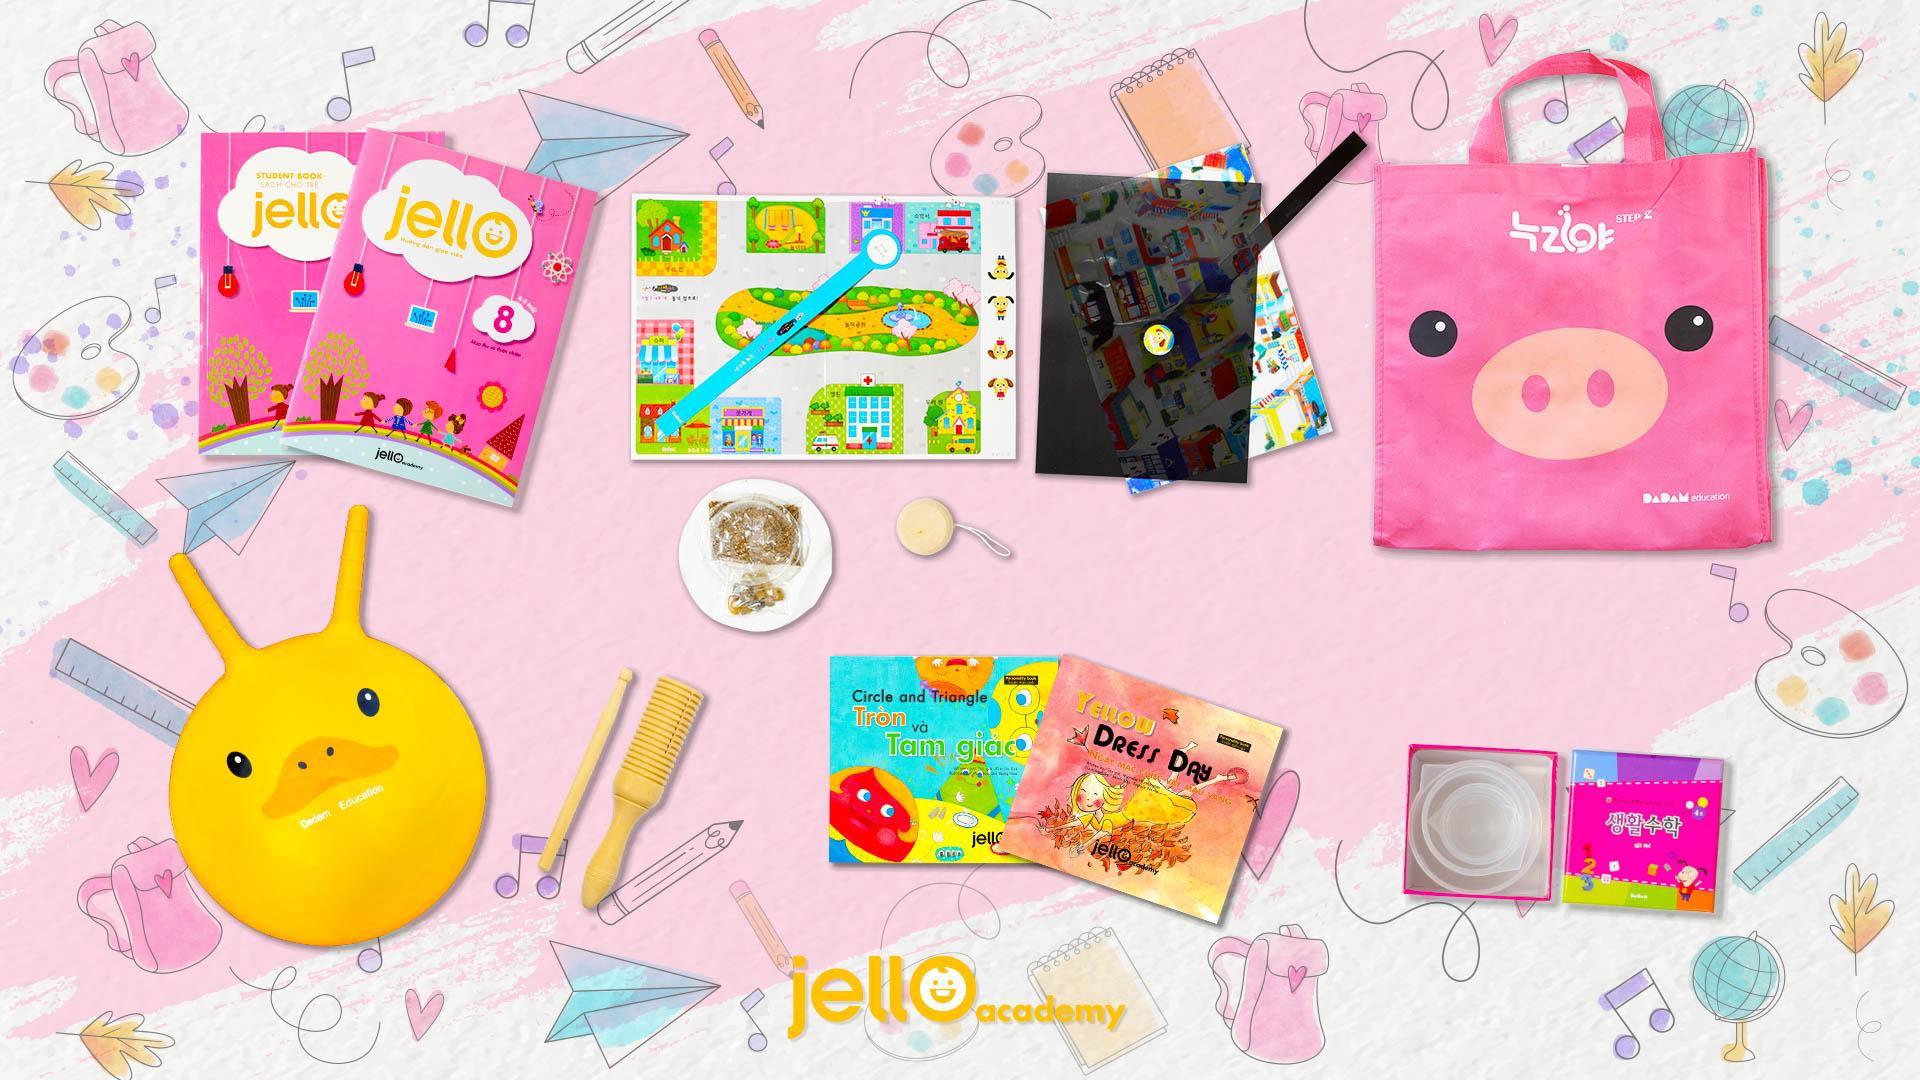 Bộ học cụ Jello - 4 Tuổi - Tháng 08